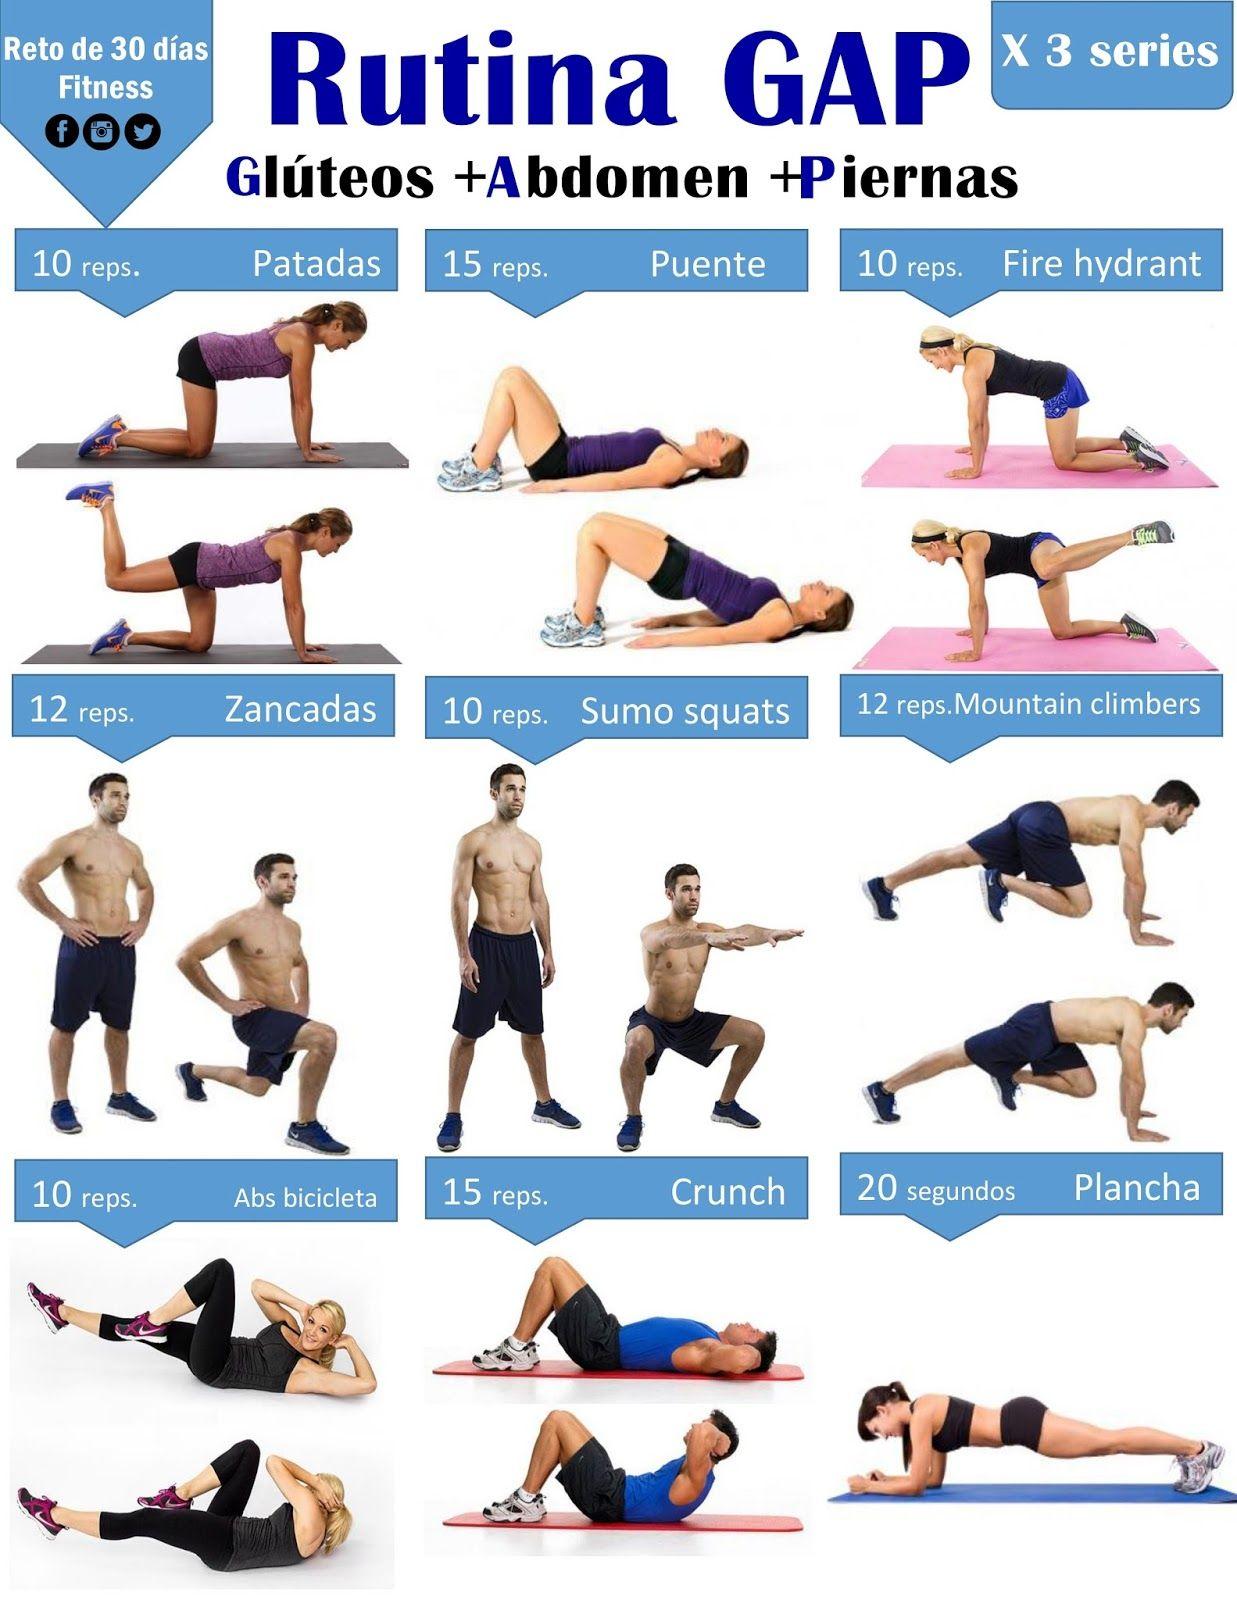 Rutina de ejercicios para abdomen gluteos y piernas en casa